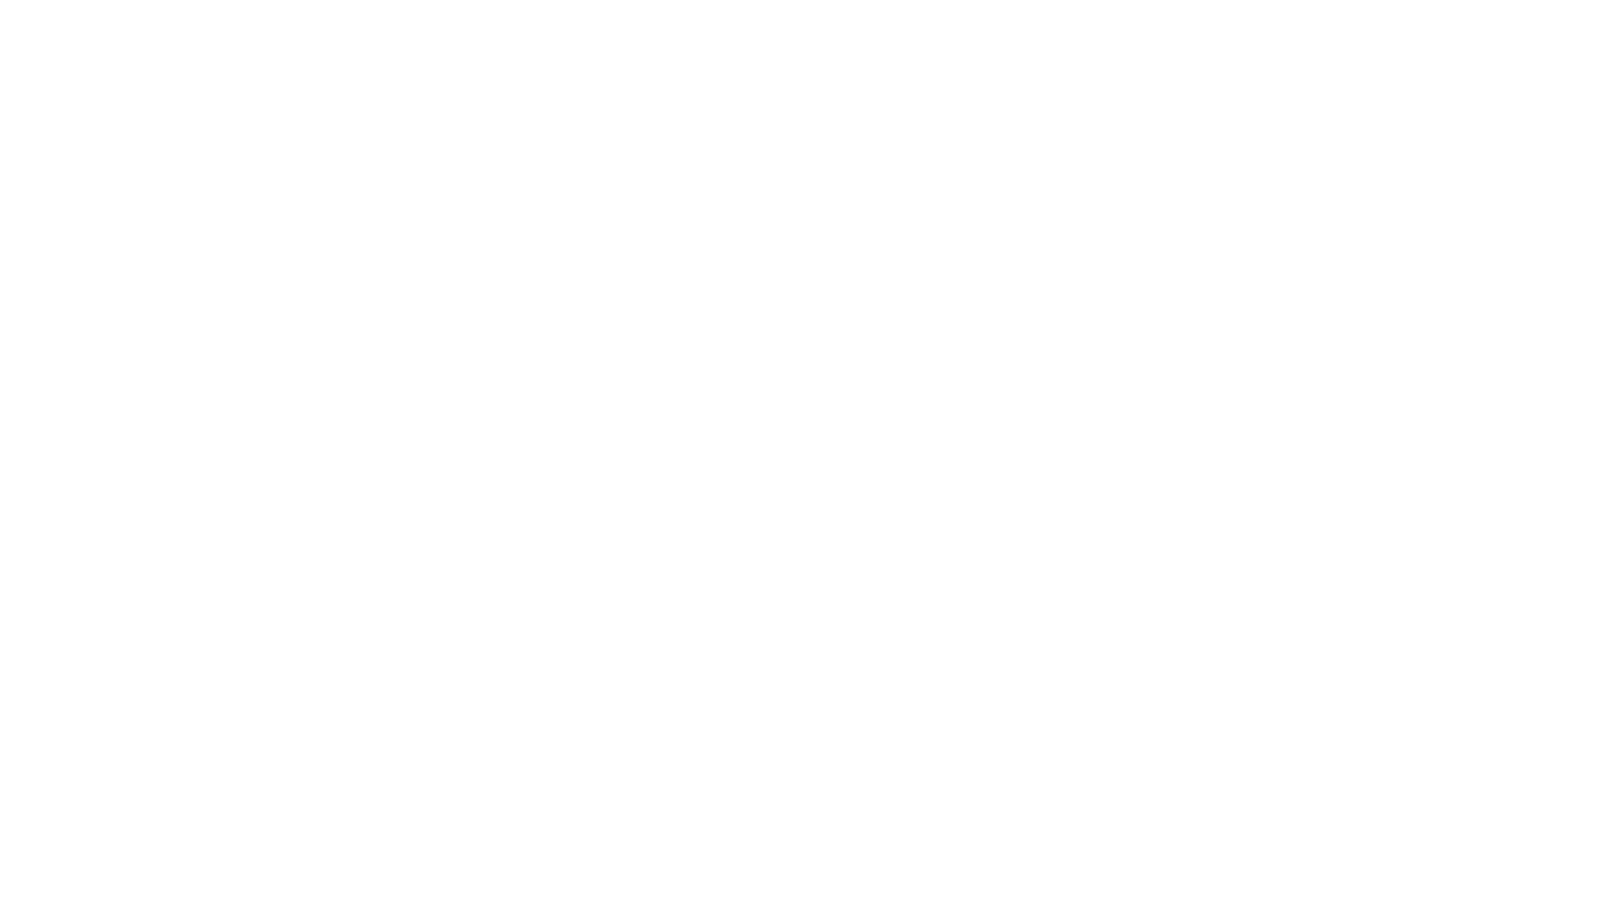 사용자께서 올려주신 동영상입니다. 피부를 촉촉하게 해줍니다. 미백효과도 있습니다. http://bonsheskorea.co.kr